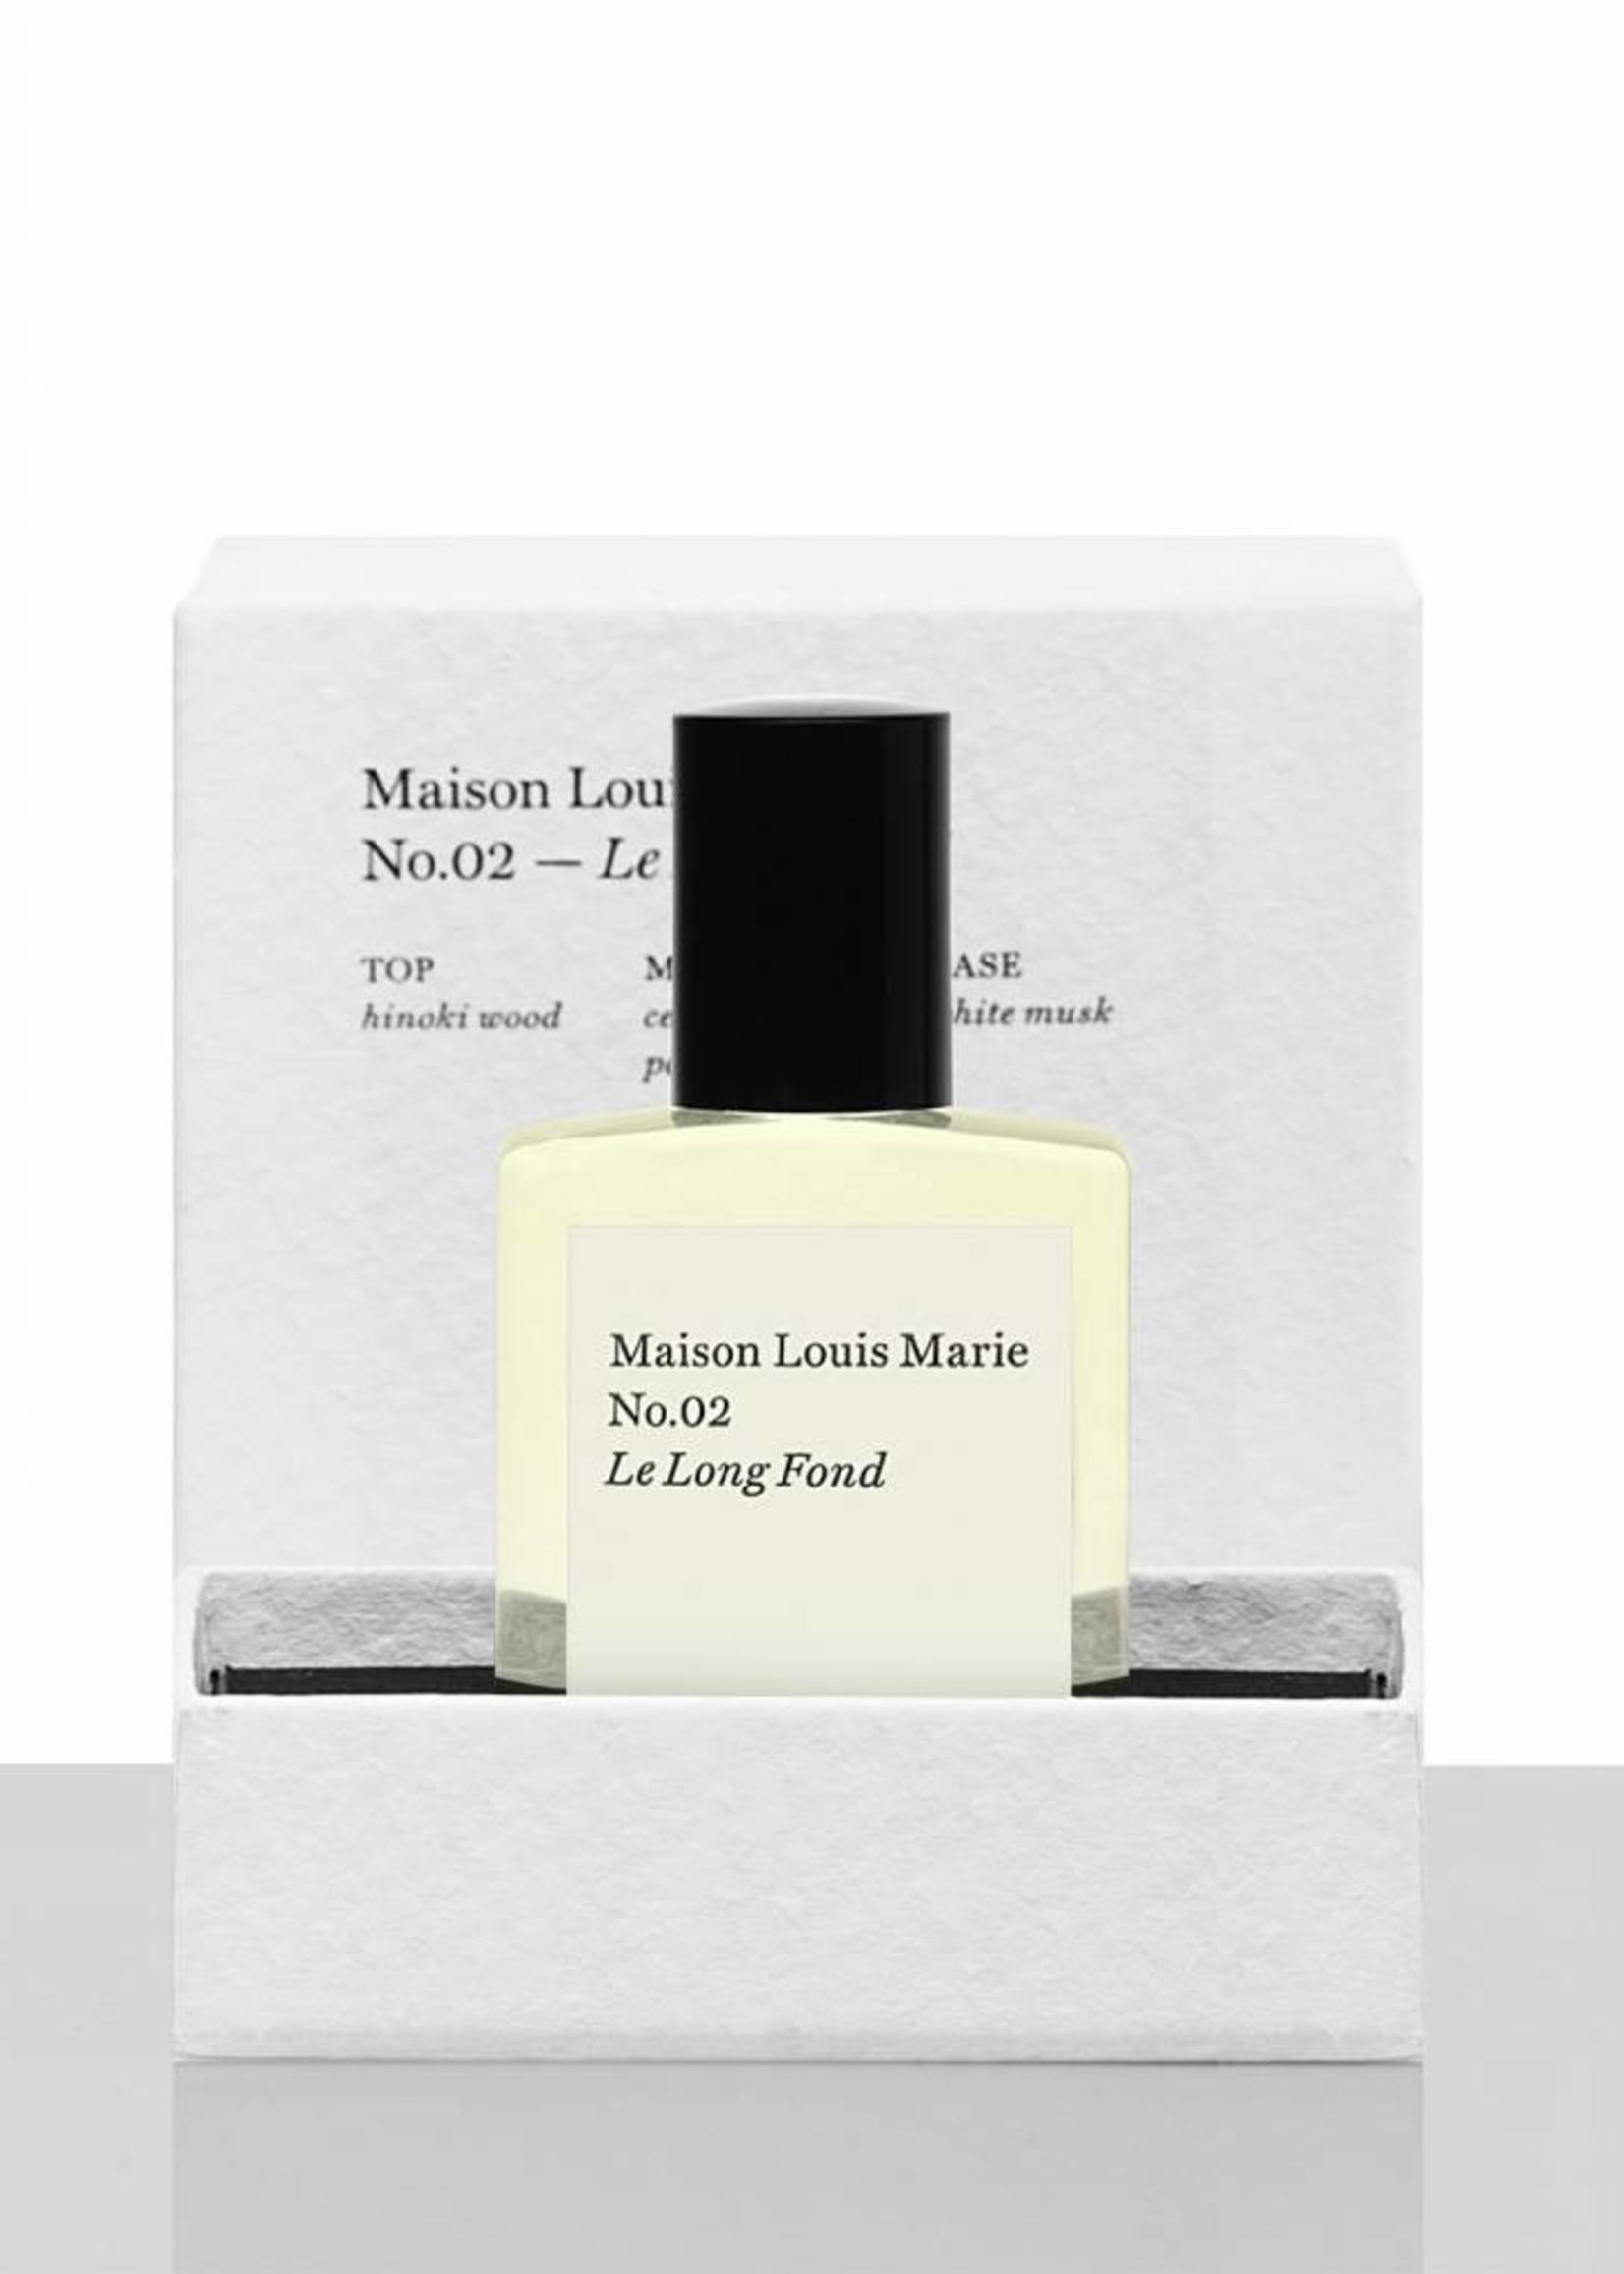 Maison Louis Marie Maison Louis Marie No.02 Le Long Fond Perfume Oil